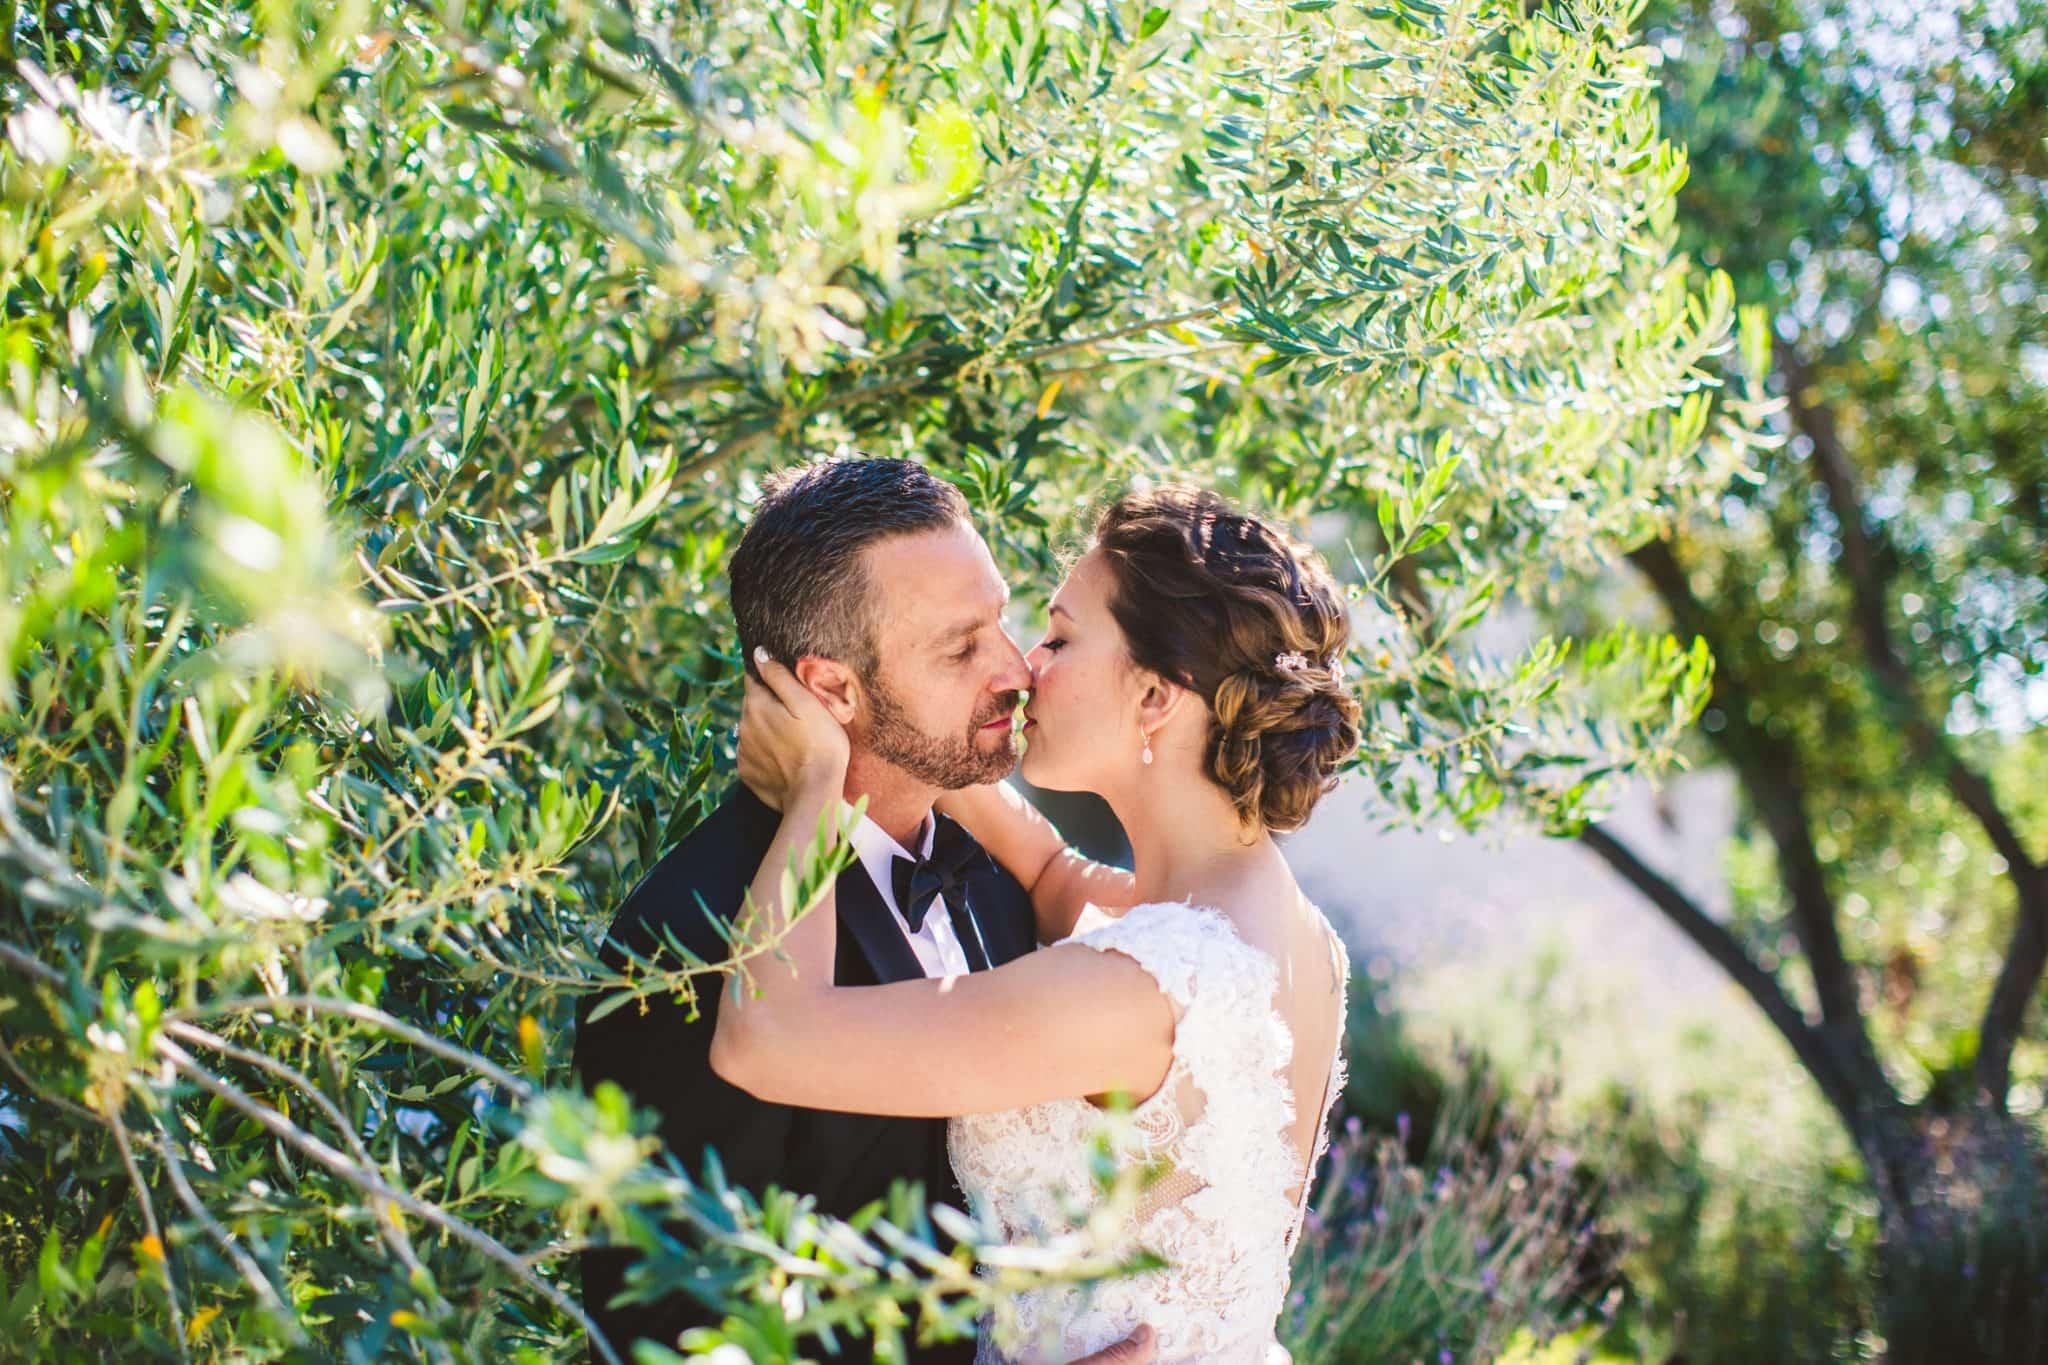 Croad vineyard wedding photos